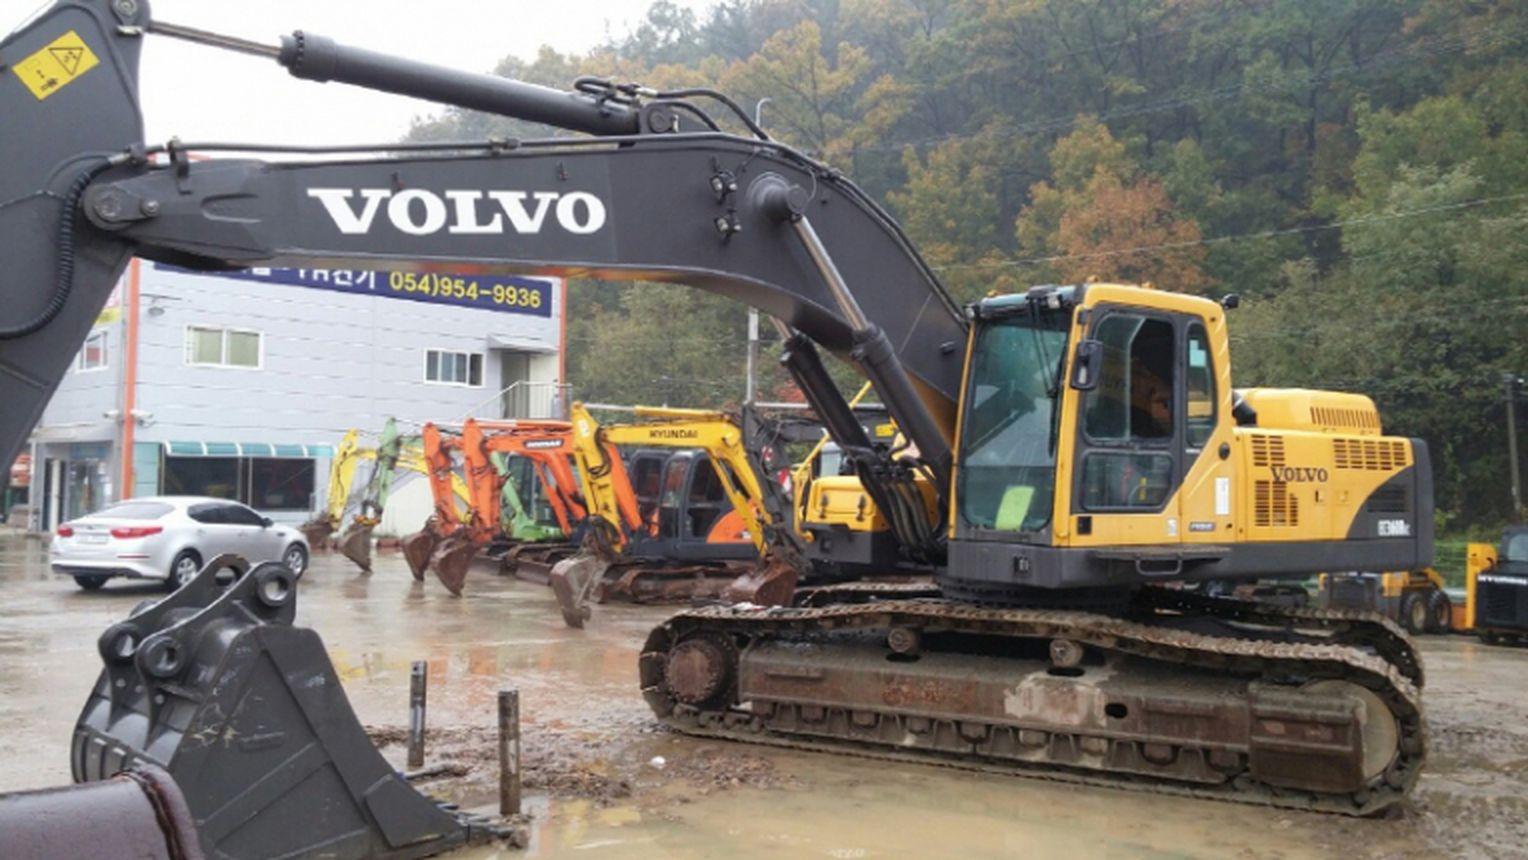 SOOSUNG - Used VOLVO Excavator, EC360B Prime - EC360B - Used